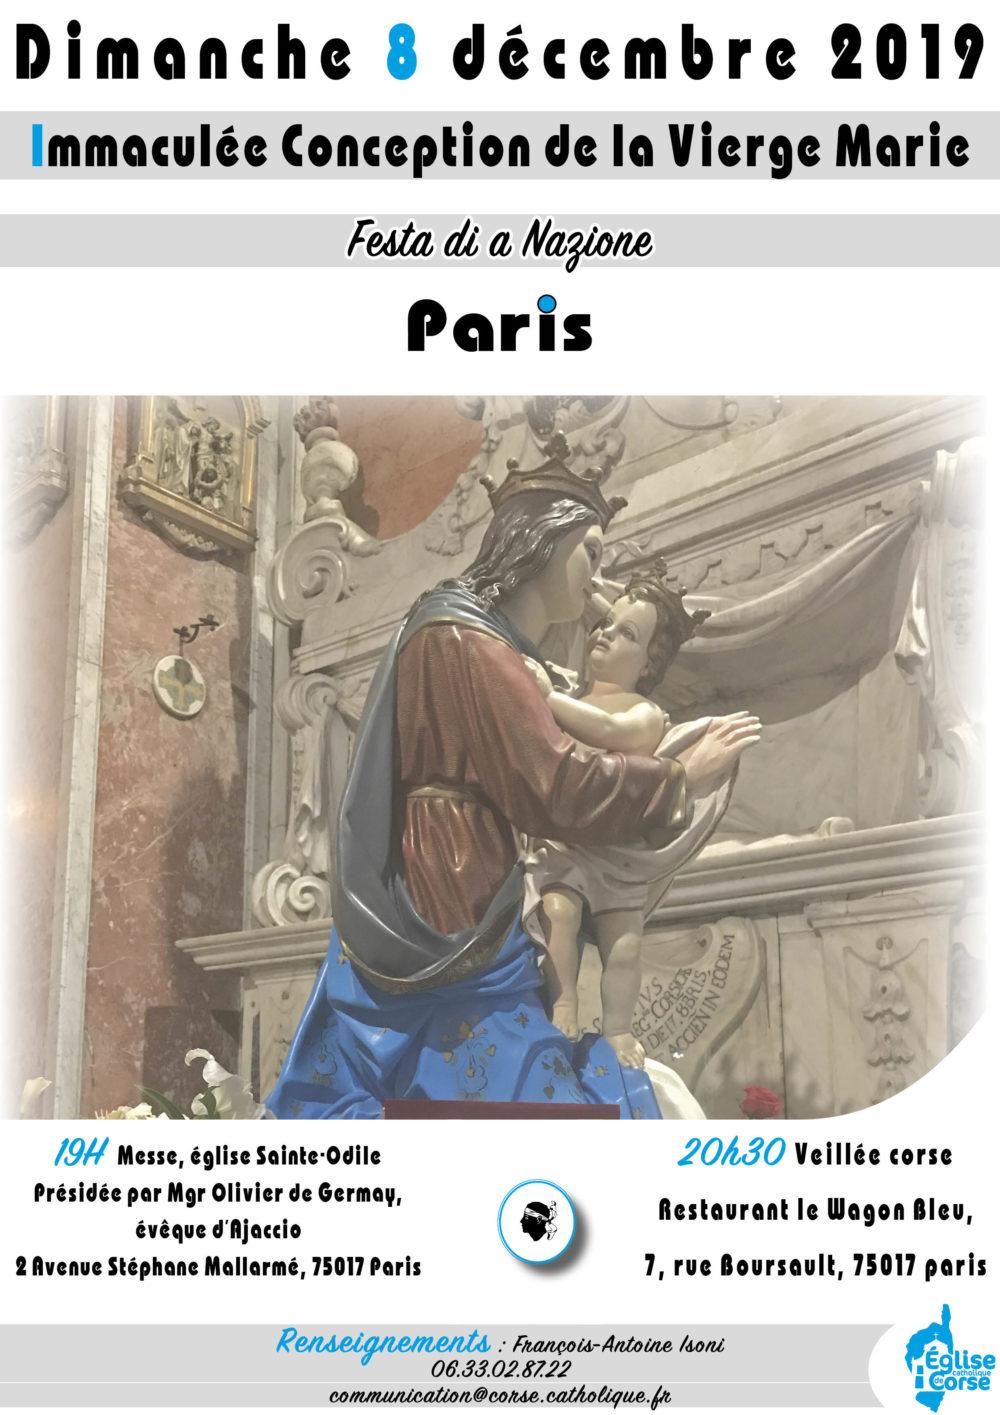 Messe Paris - Immaculée Conception de la Vierge Marie - Corse.catholique